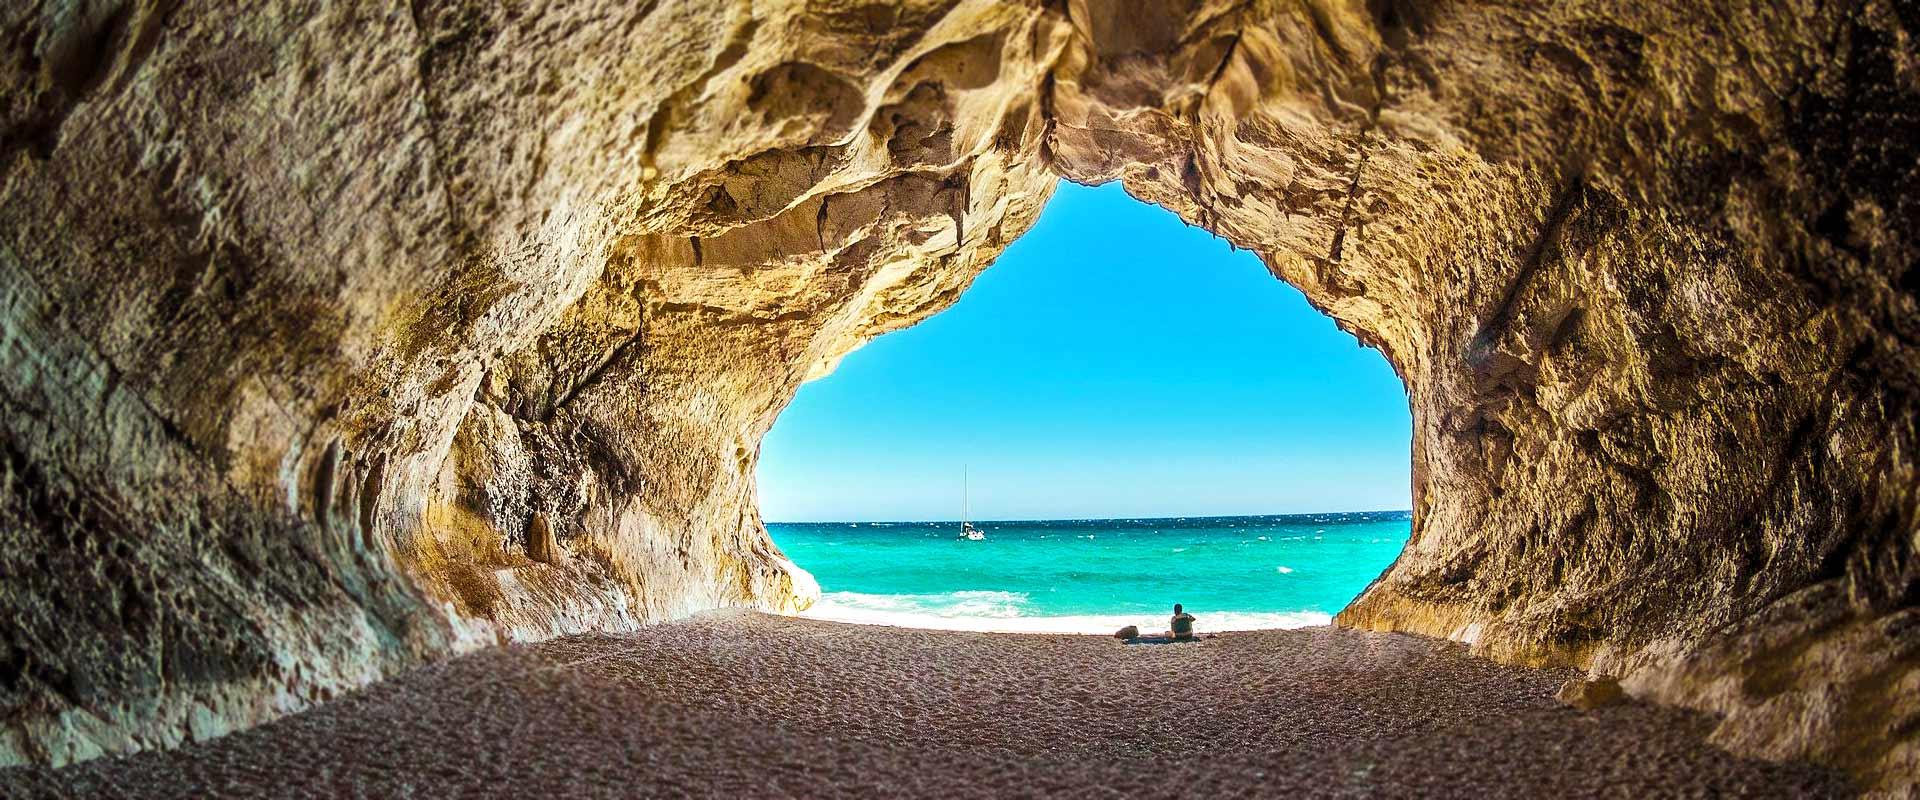 Sardinien Küste, Meer